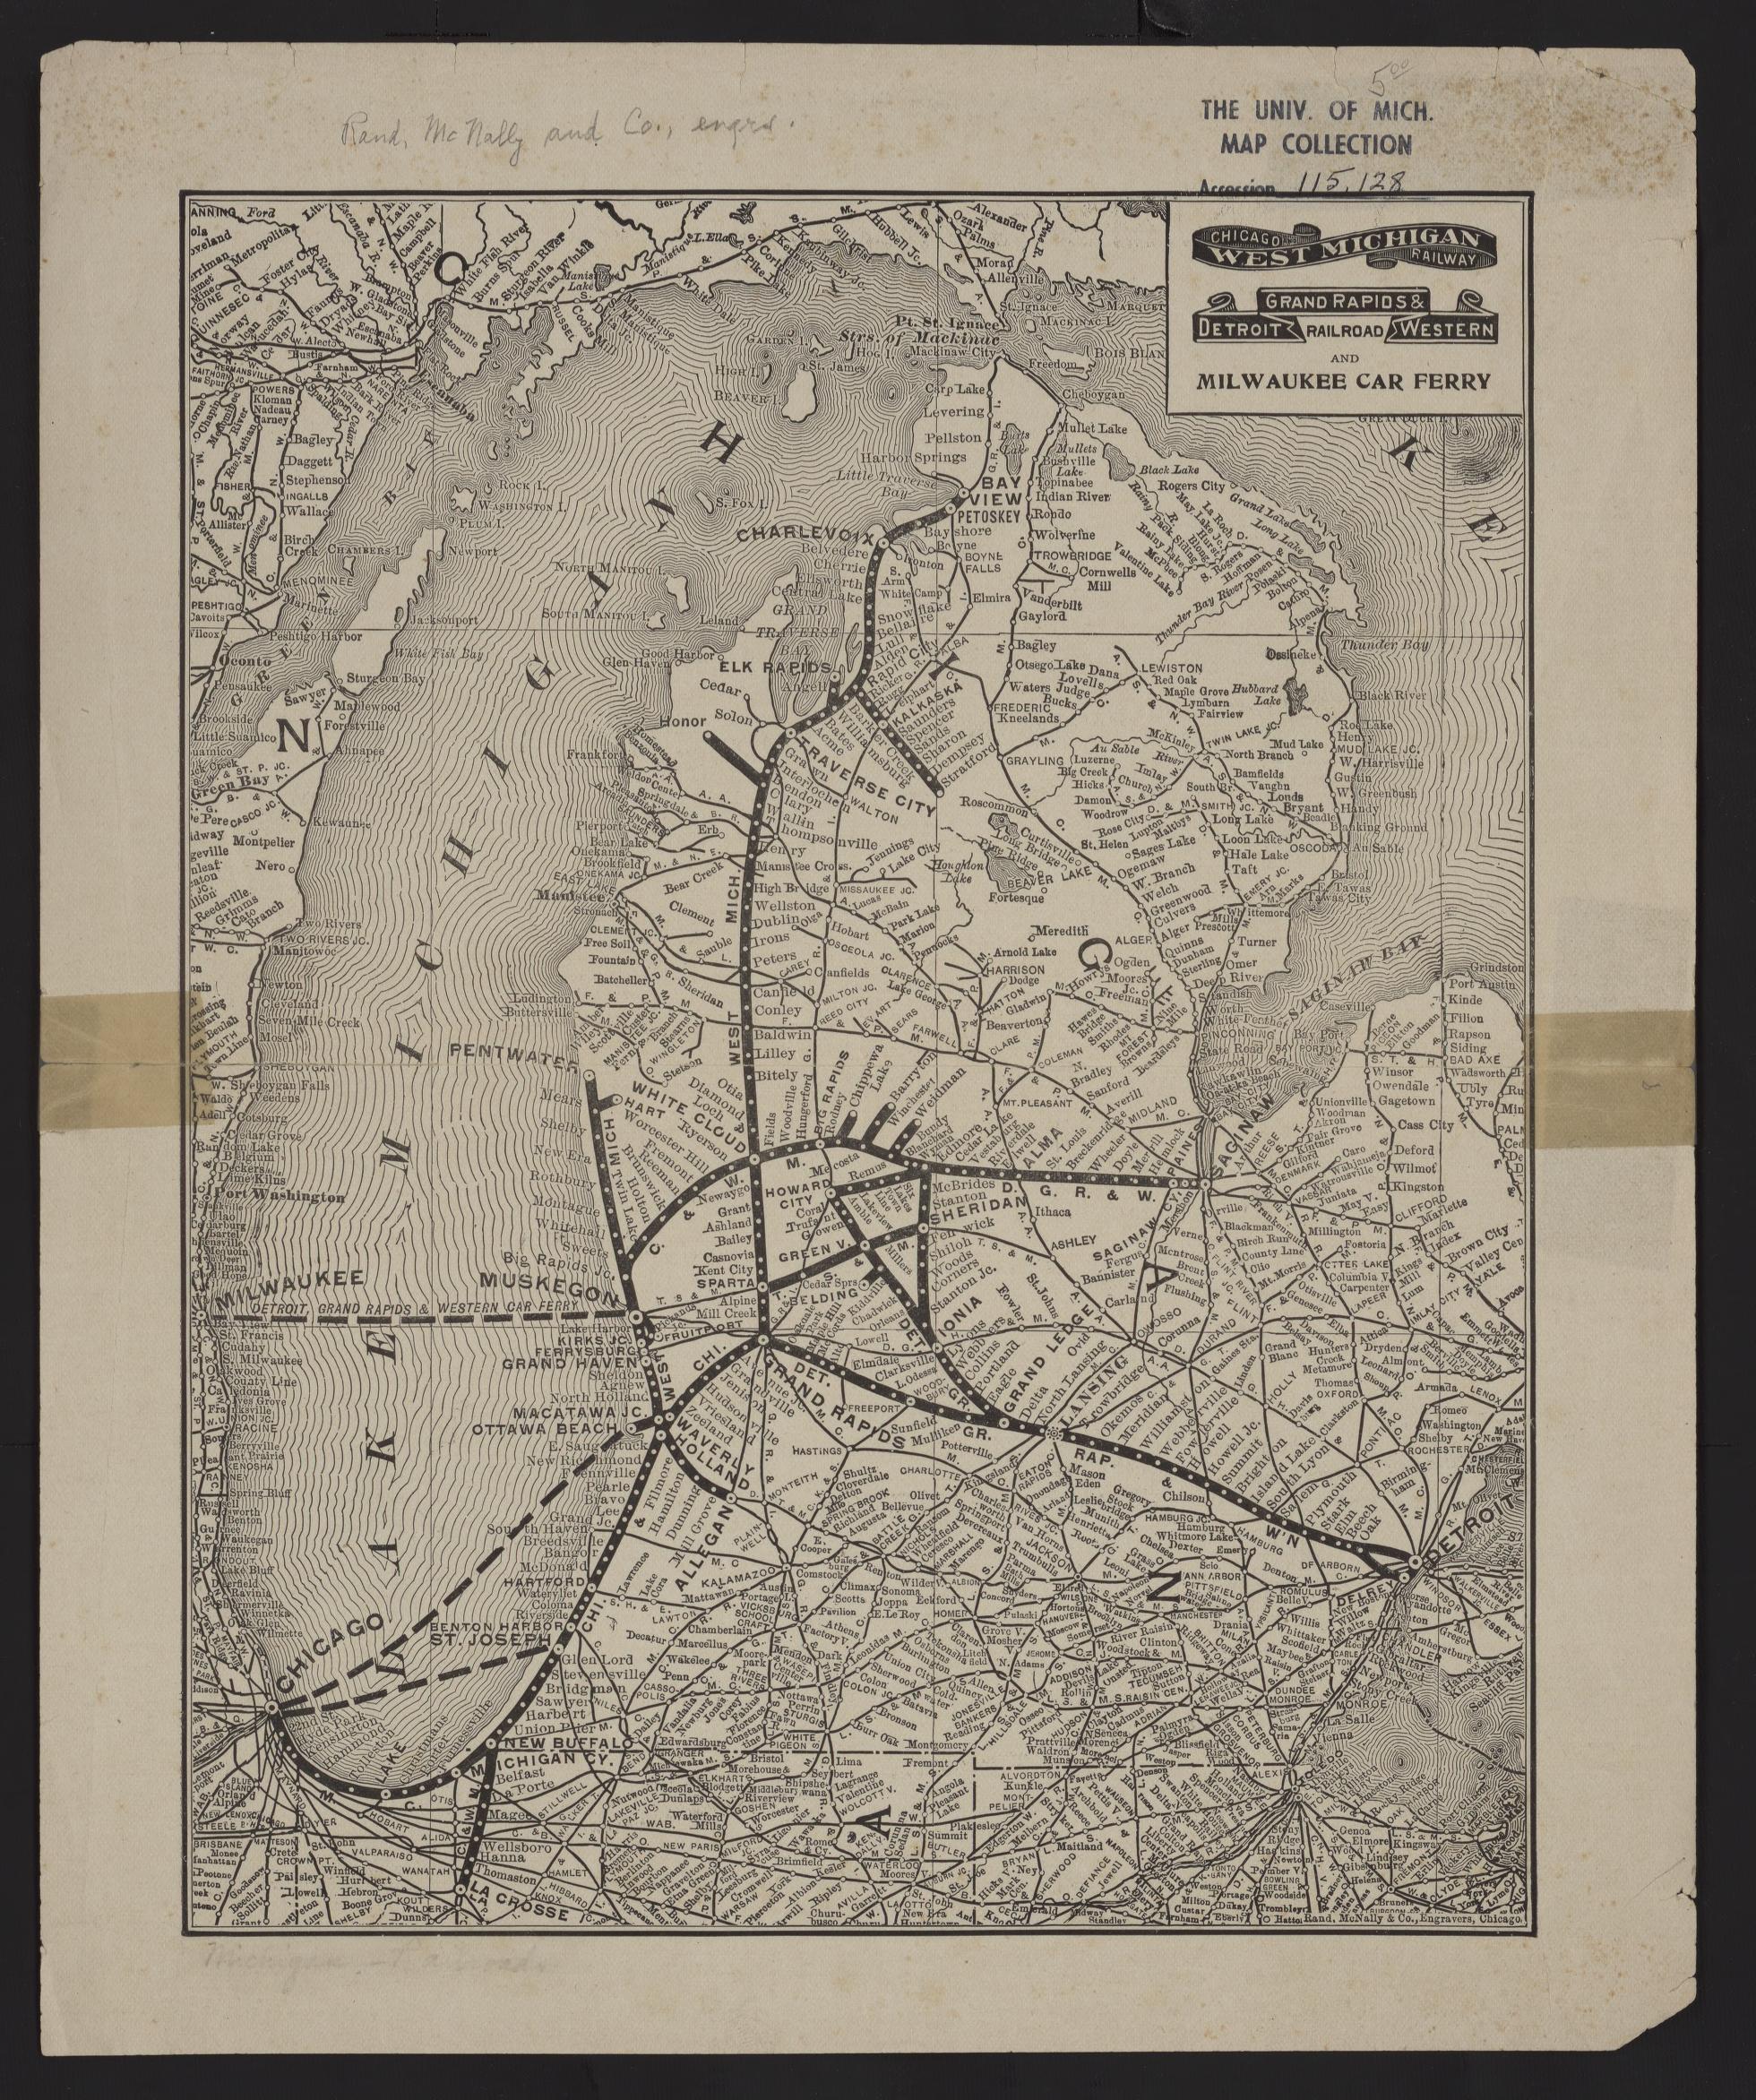 Remus Michigan Map.Um Clark Library Maps Chicago West Michigan Railway Detroit